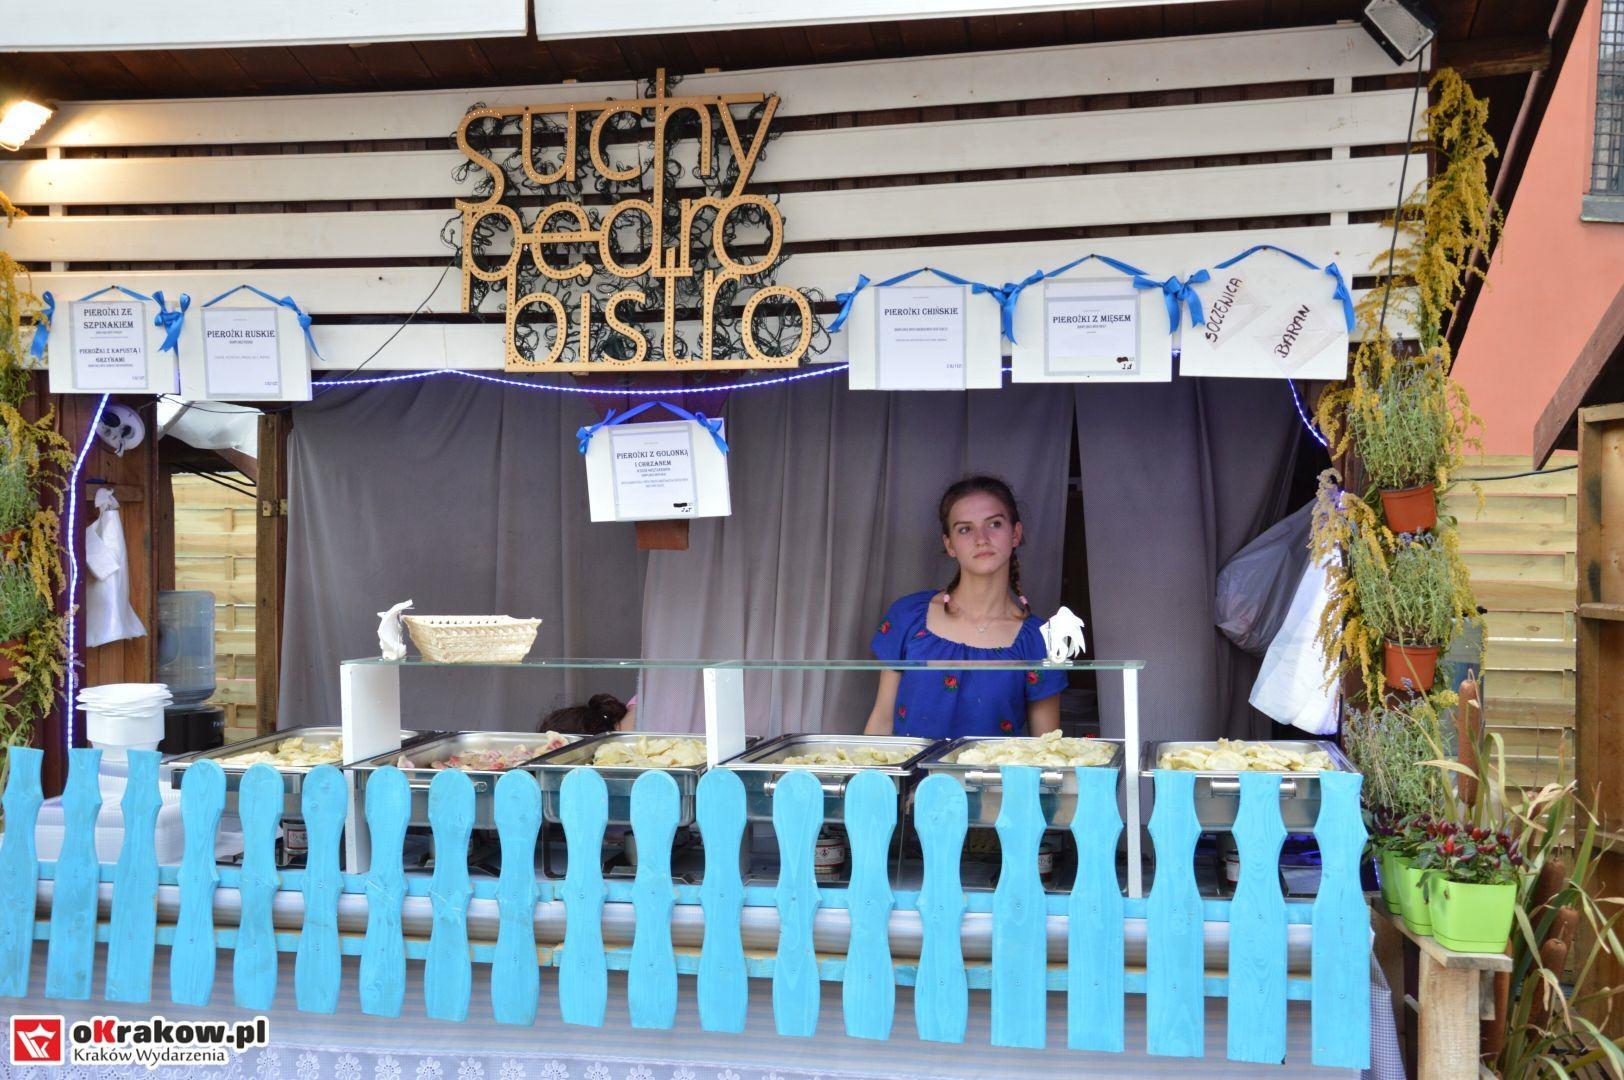 krakow festiwal pierogow maly rynek koncert cheap tobacco 17 150x150 - Galeria zdjęć Festiwal Pierogów Kraków 2018 + zdjęcia z koncertu Cheap Tobacco